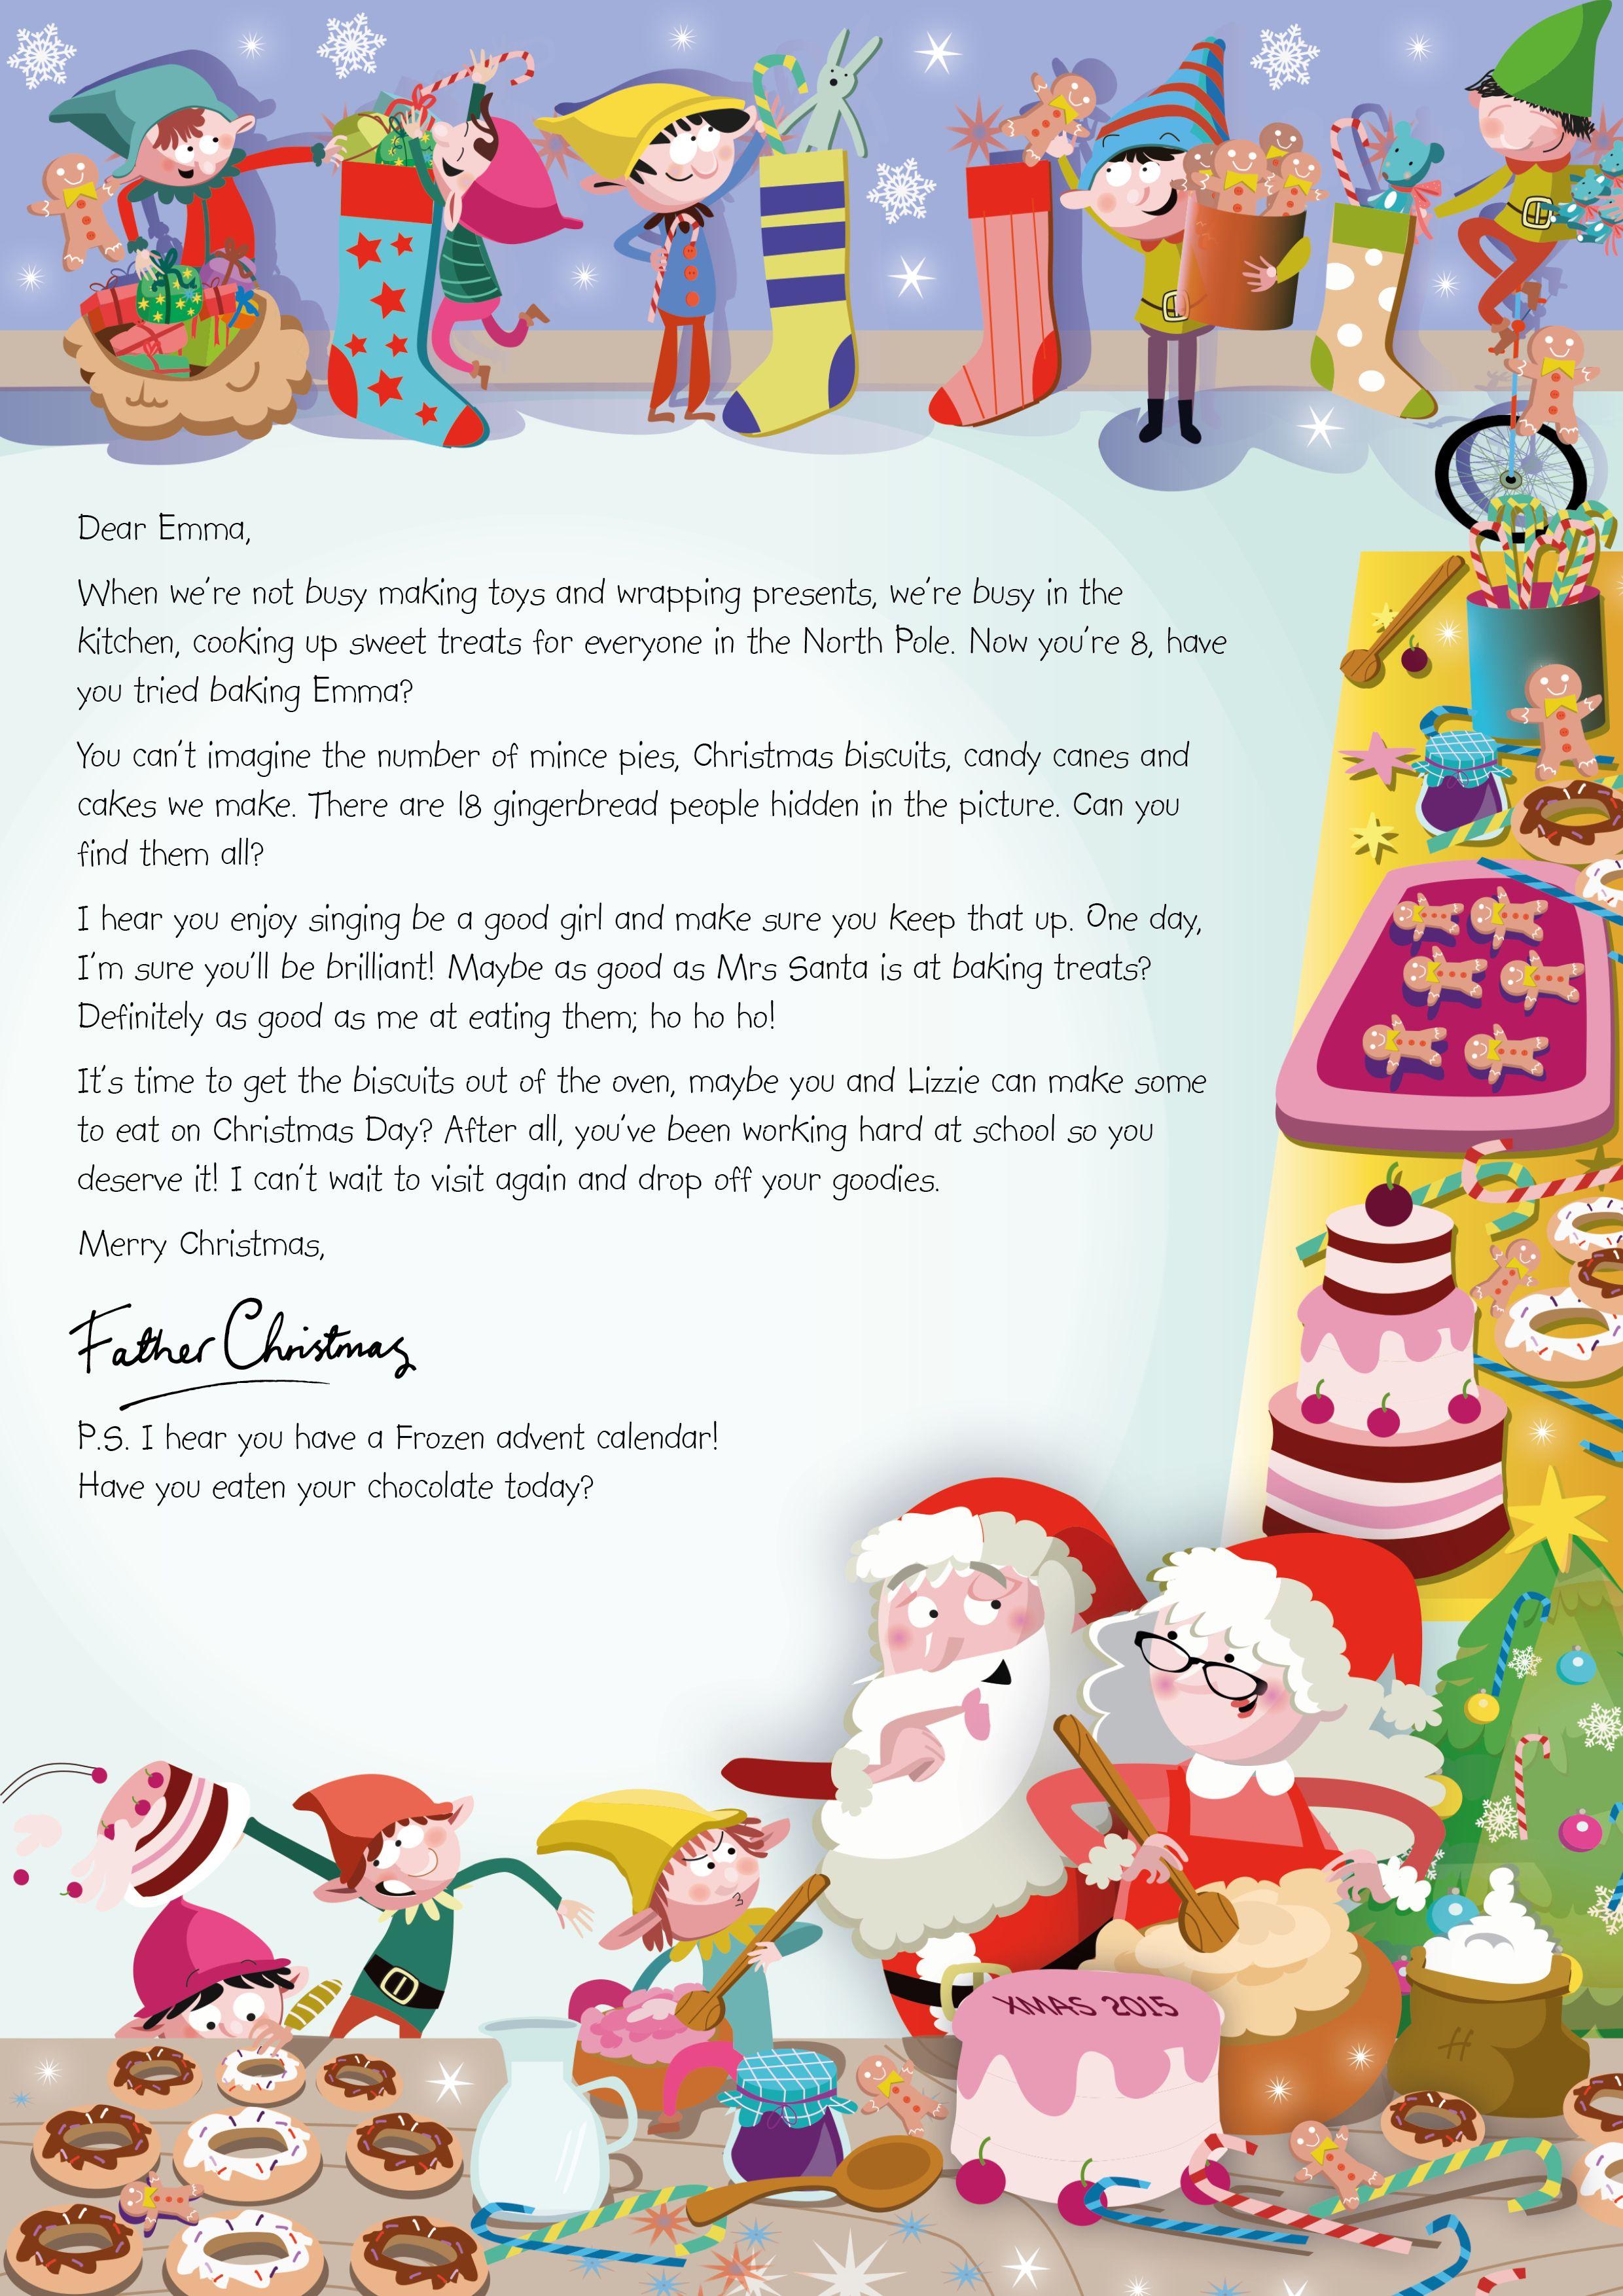 NSPCC Letter from Santa Christmas baking (2015) https